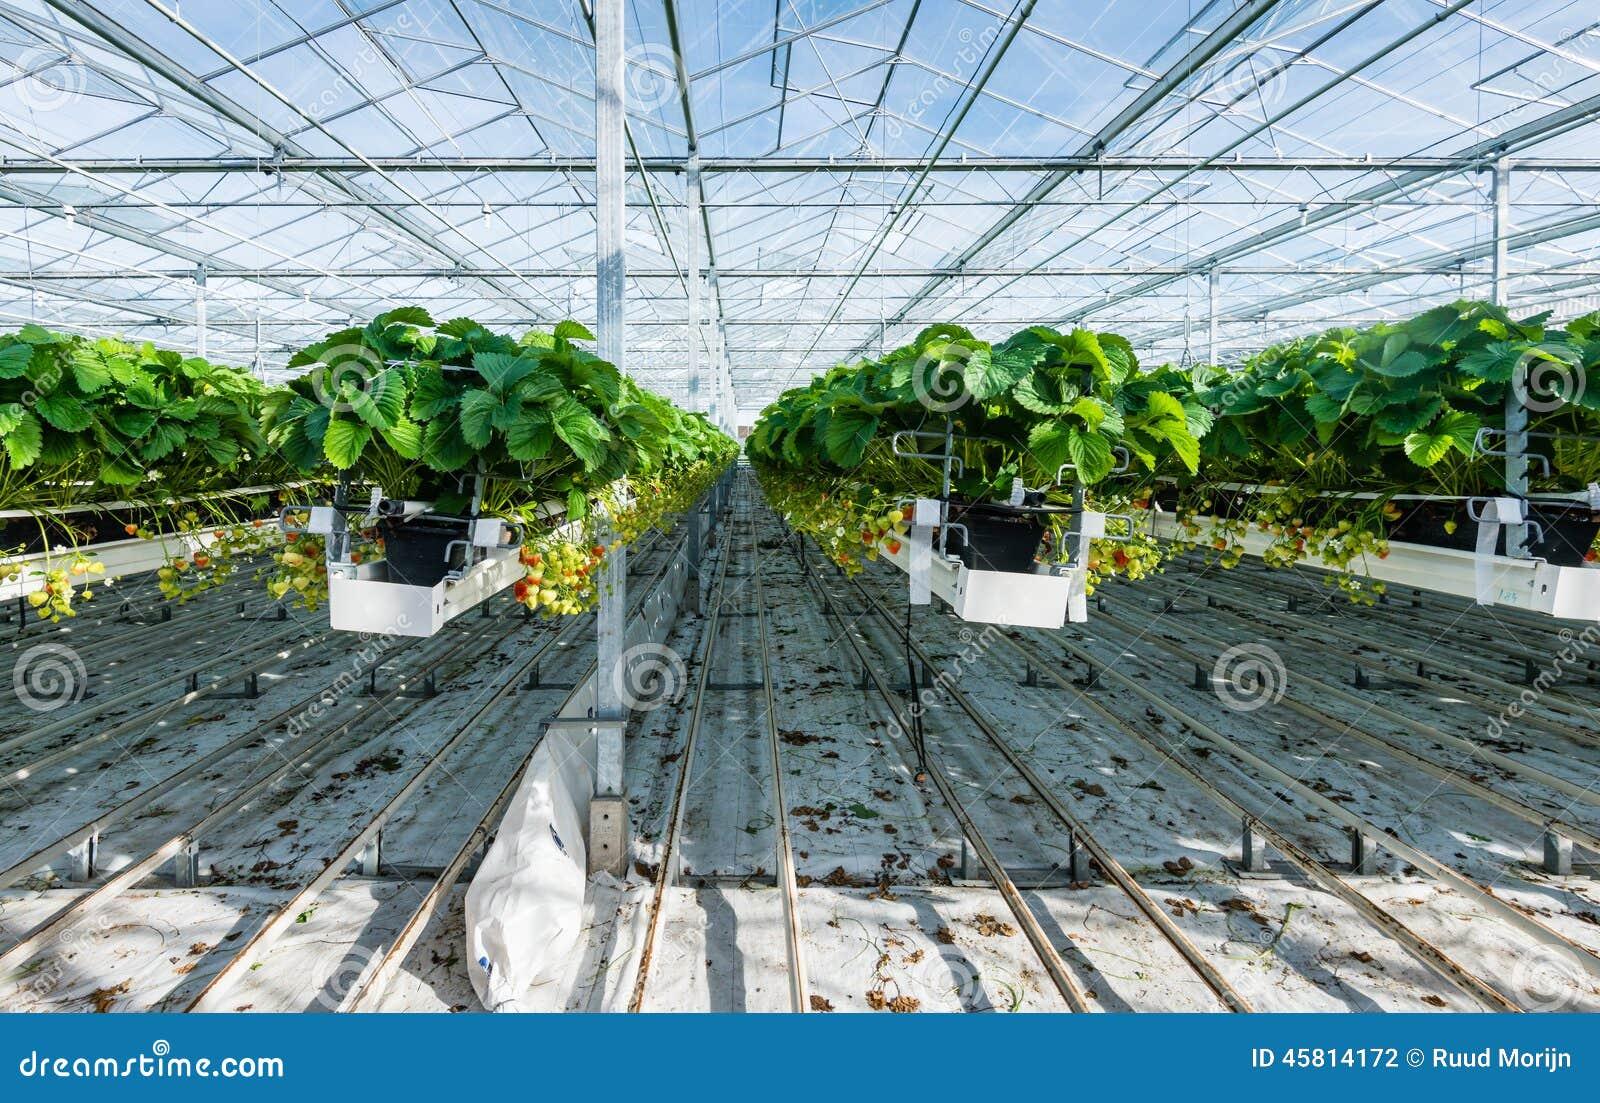 Coltivazione idroponica della fragola in una serra for Planimetrie della serra